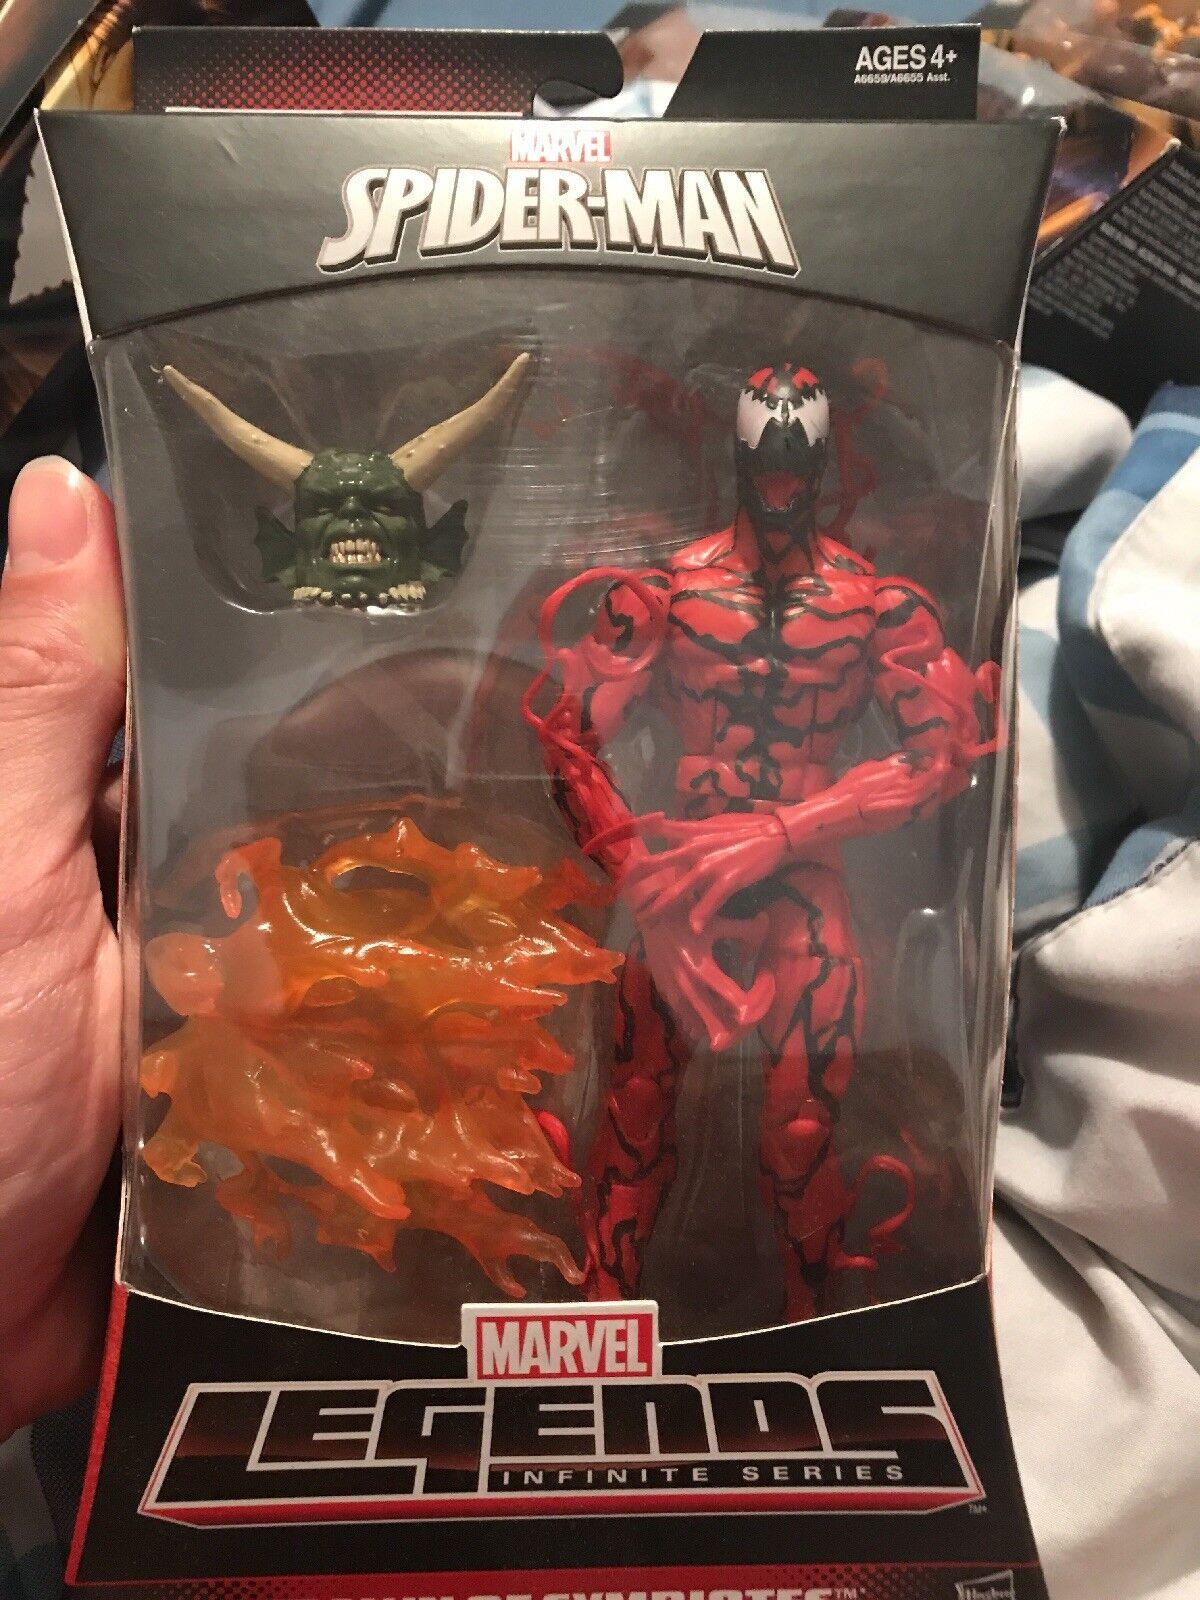 Marvel - legenden spiderman unendlichkeit Grün goblin baf - serie Blautbad action - figur